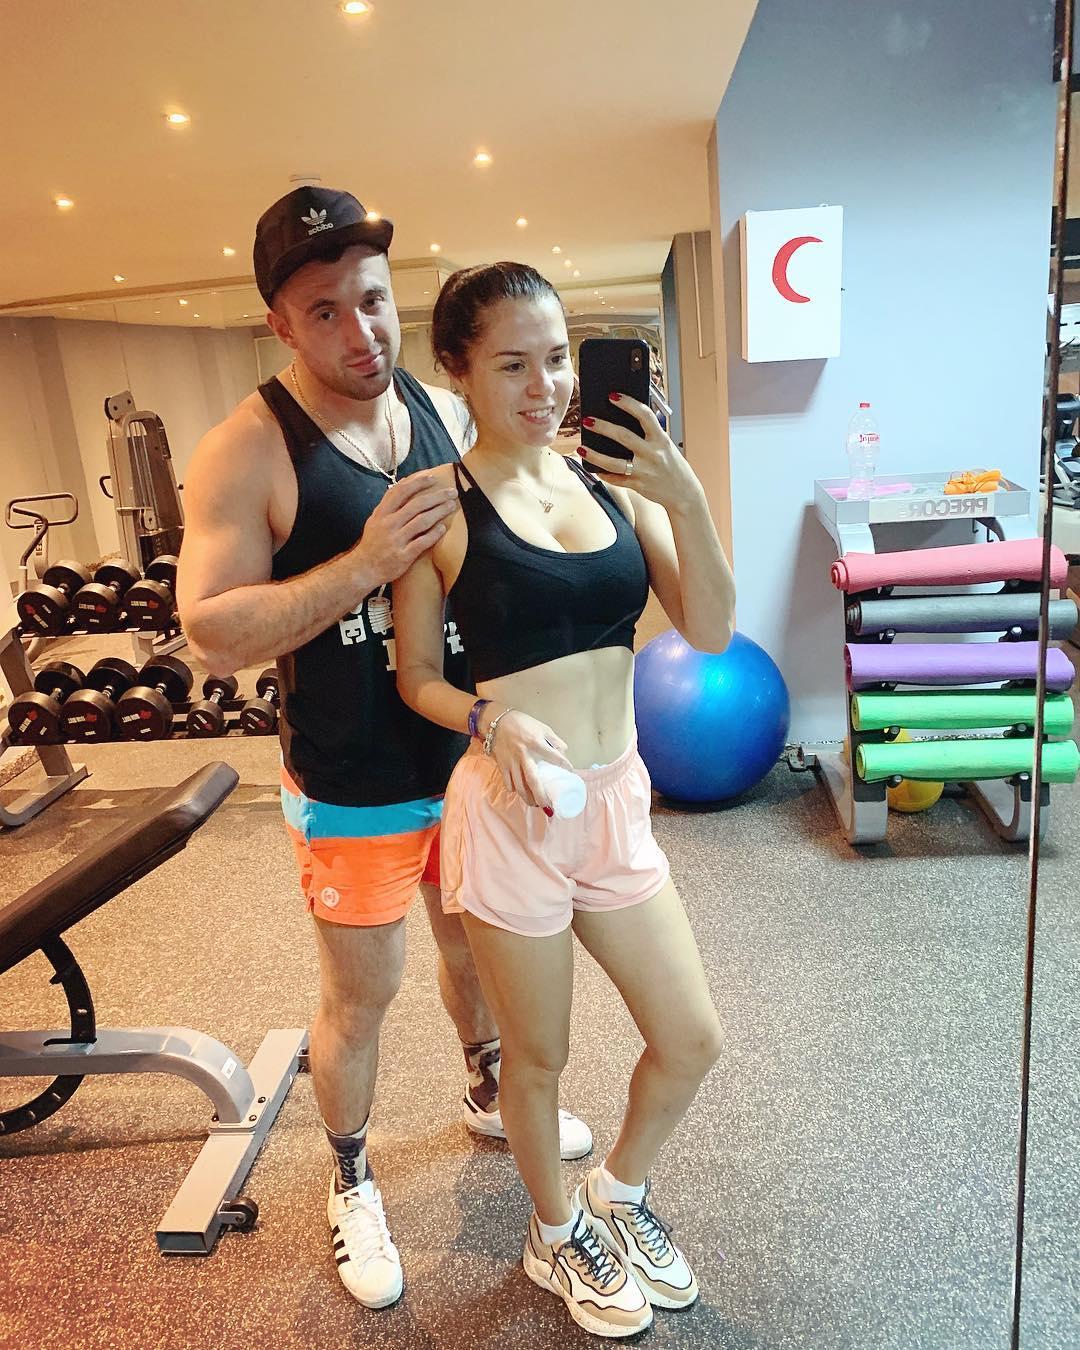 Военный вместе с супругой вели активный образ жизни